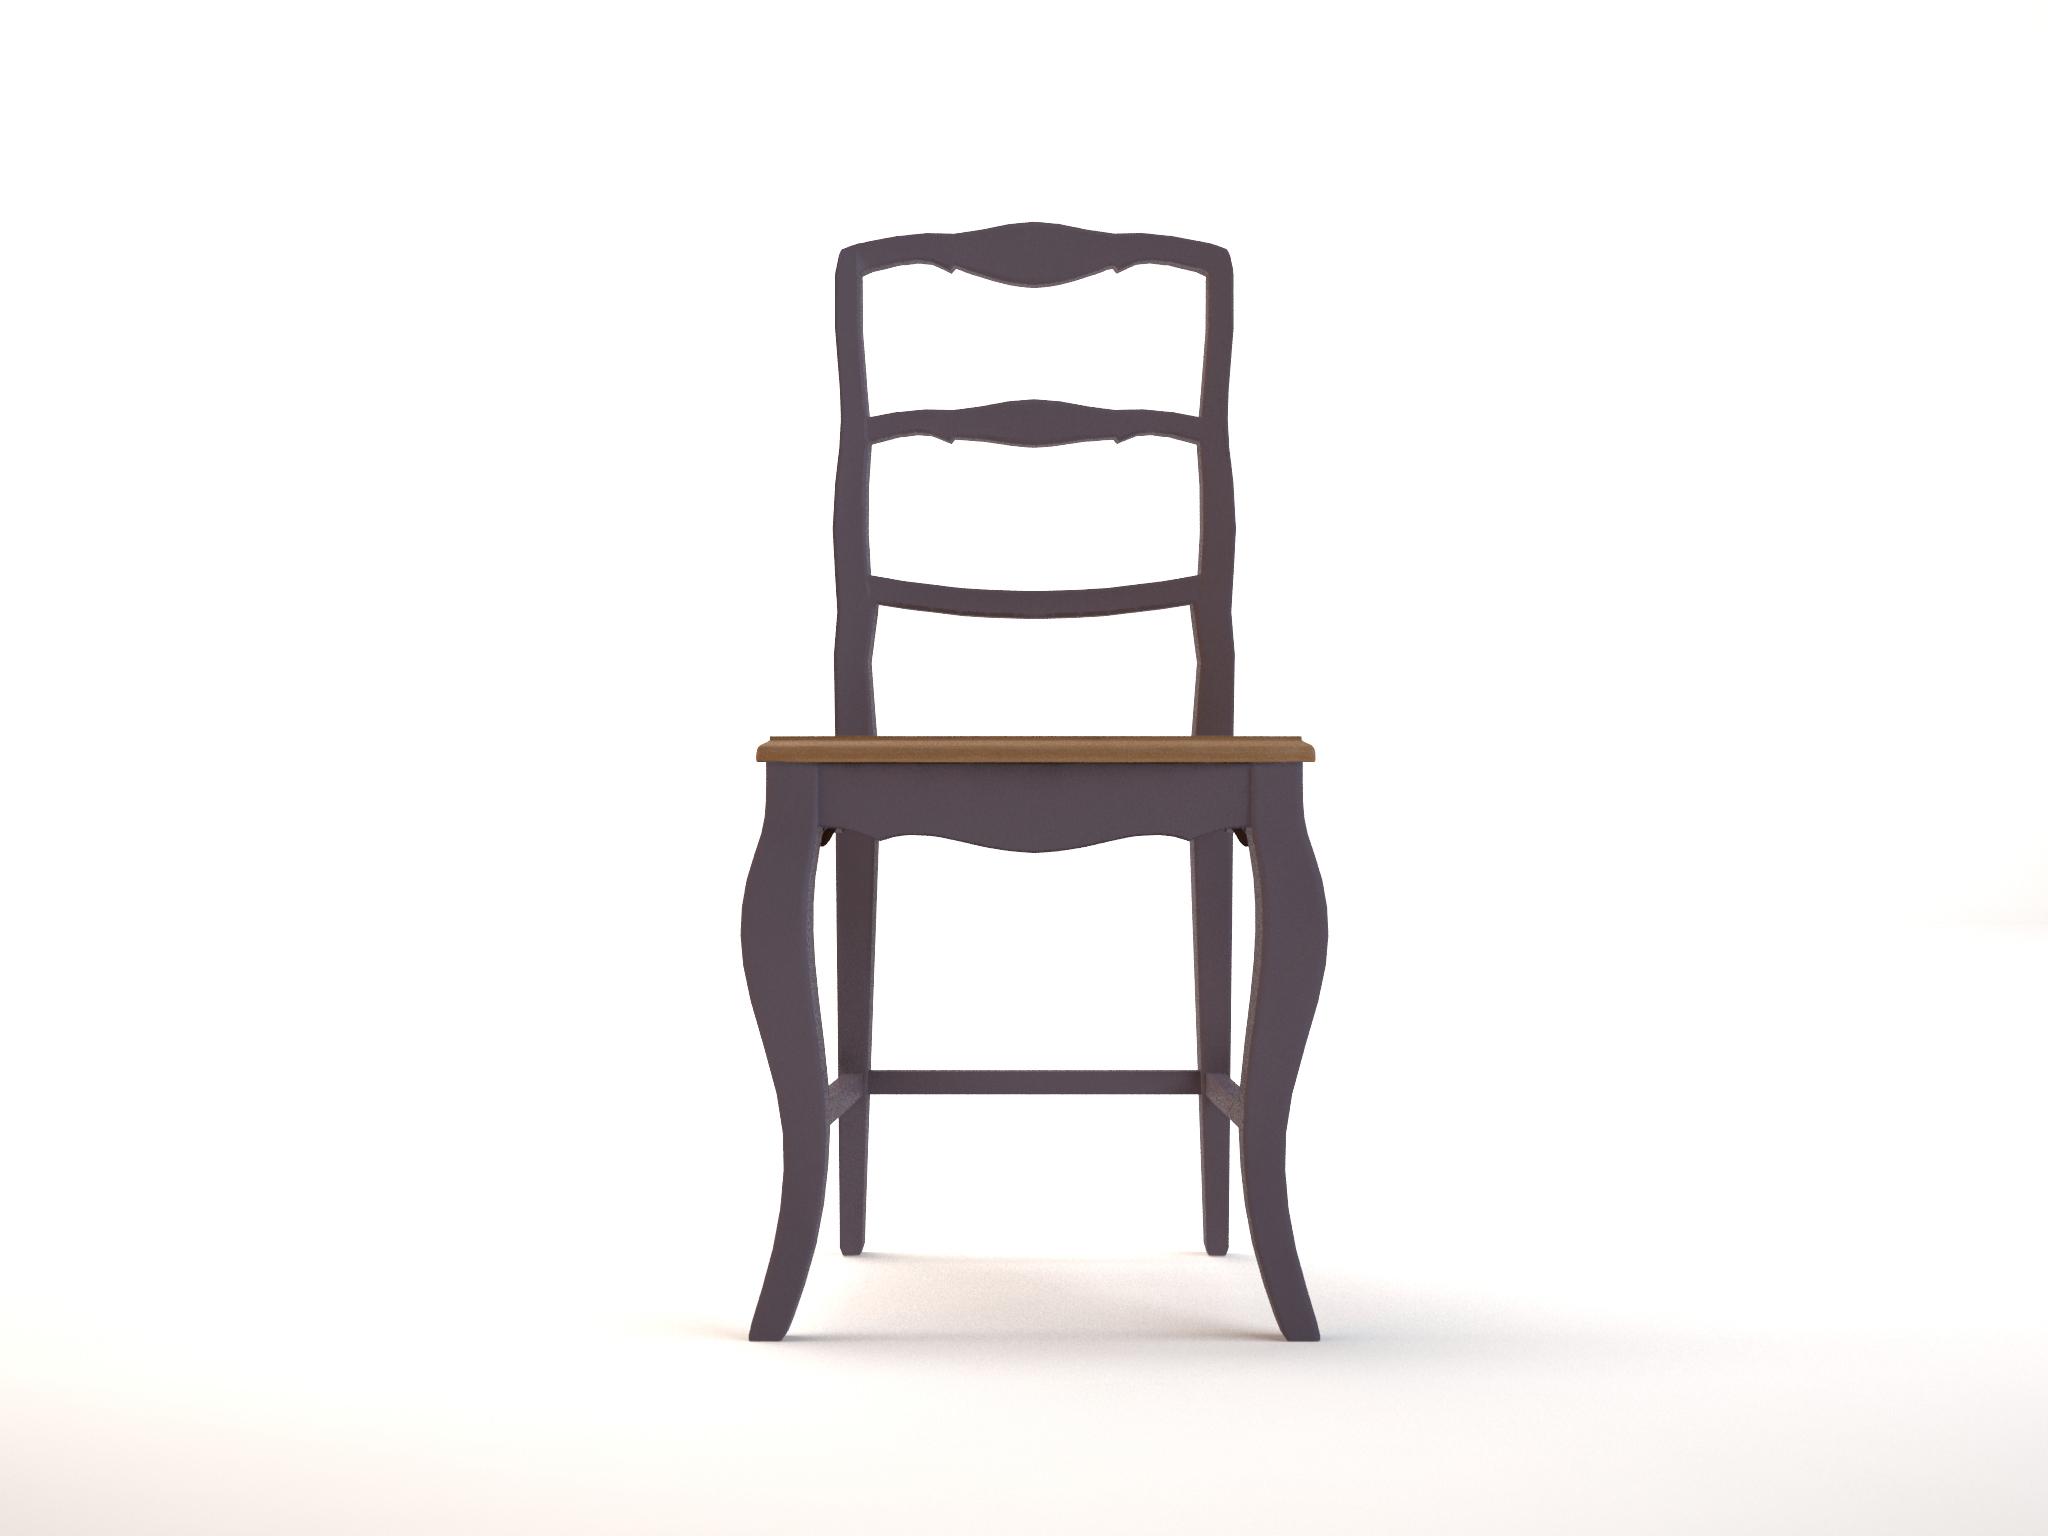 Стул Leontina lavandaОбеденные стулья<br>Материал: массив березы, массив ясеня.&amp;lt;div&amp;gt;Вес: 7  кг.&amp;lt;/div&amp;gt;&amp;lt;div&amp;gt;&amp;lt;br&amp;gt;&amp;lt;/div&amp;gt;<br><br>Material: Береза<br>Ширина см: 47<br>Высота см: 90<br>Глубина см: 47